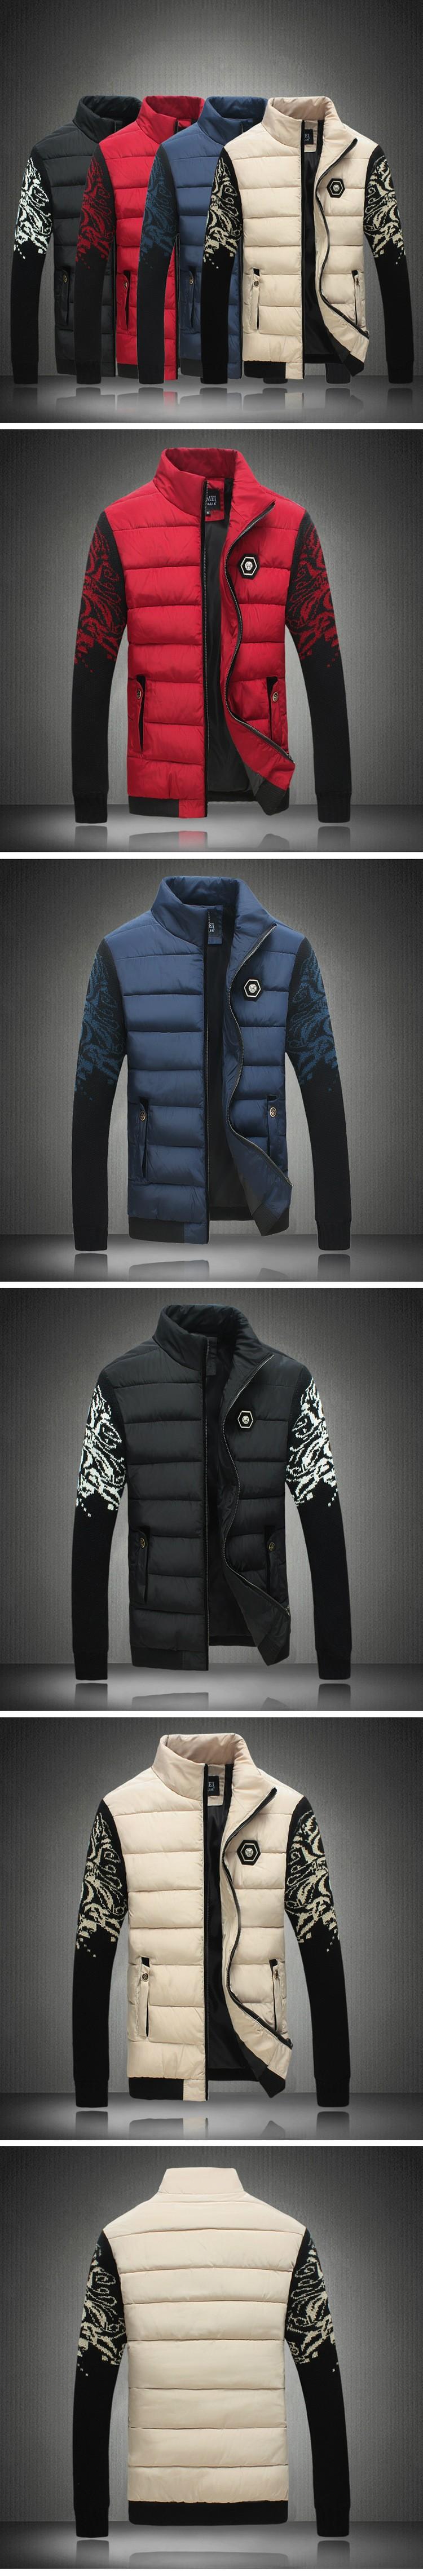 Скидки на 2016 осенью и зимой мужская мода хлопка ватник Мужчины цветок цвет куртки хлопка Бесплатная доставка MY106